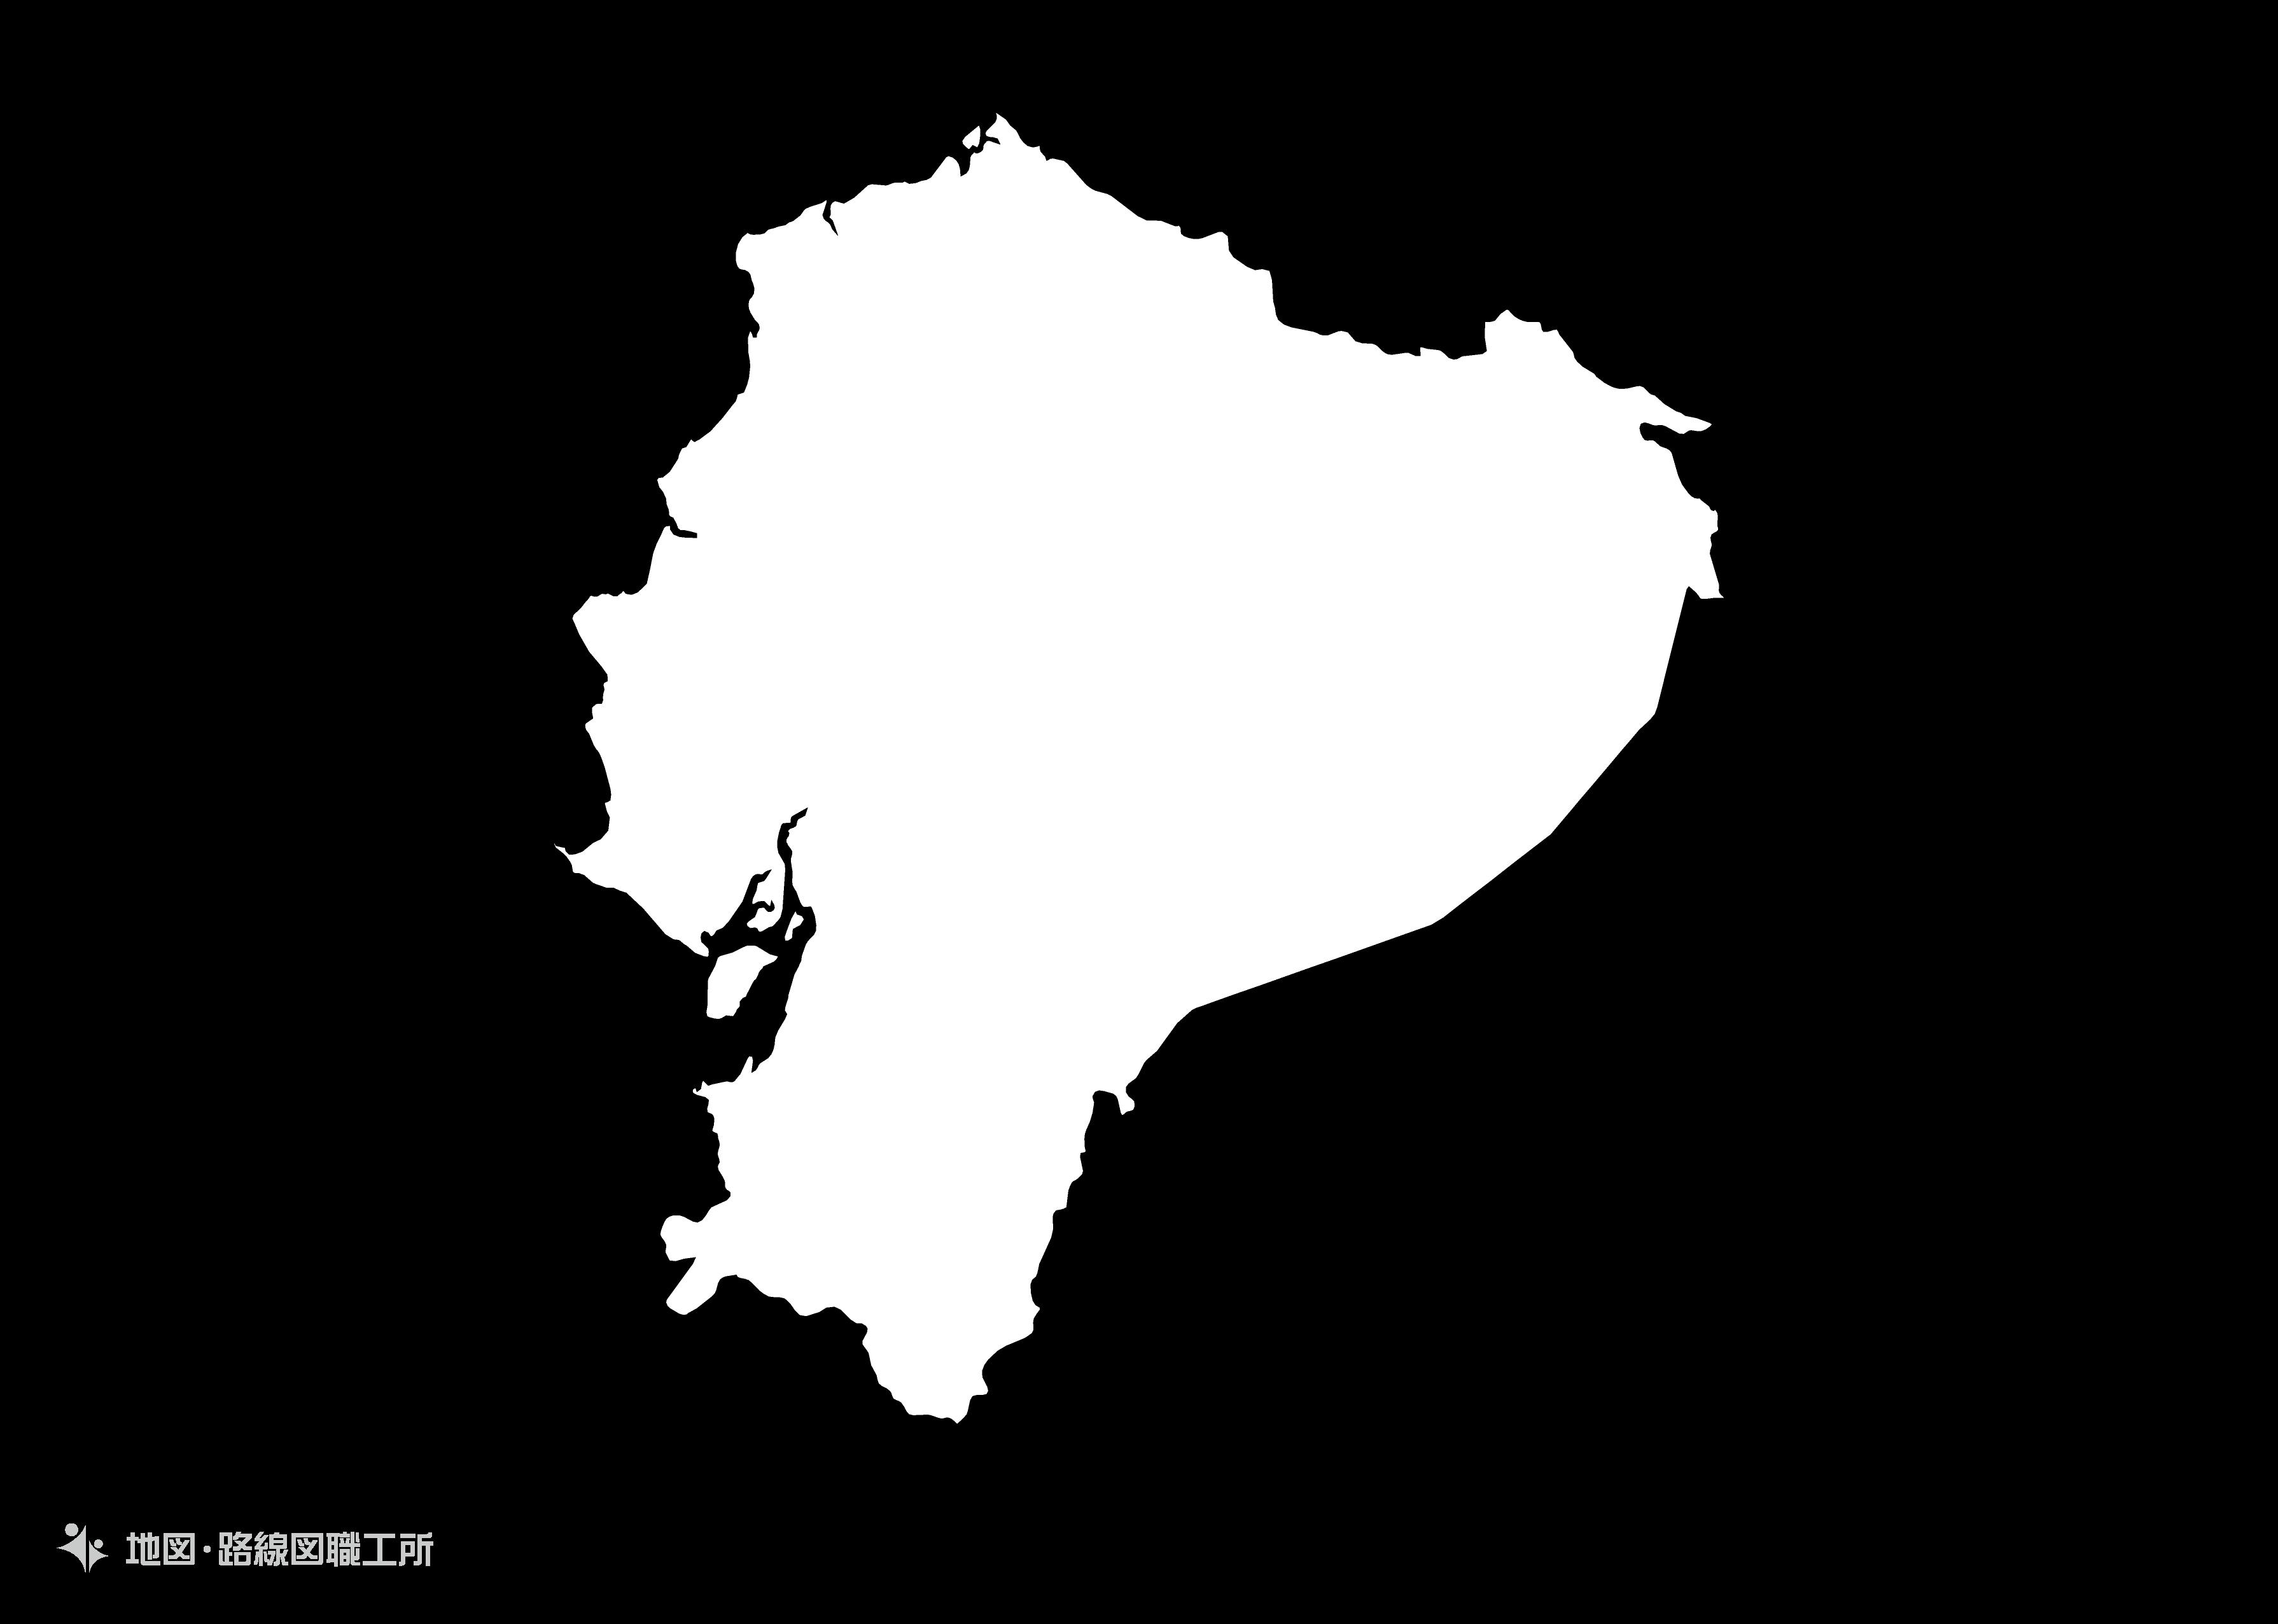 世界の白地図 エクアドル共和国 republic-of-ecuador map